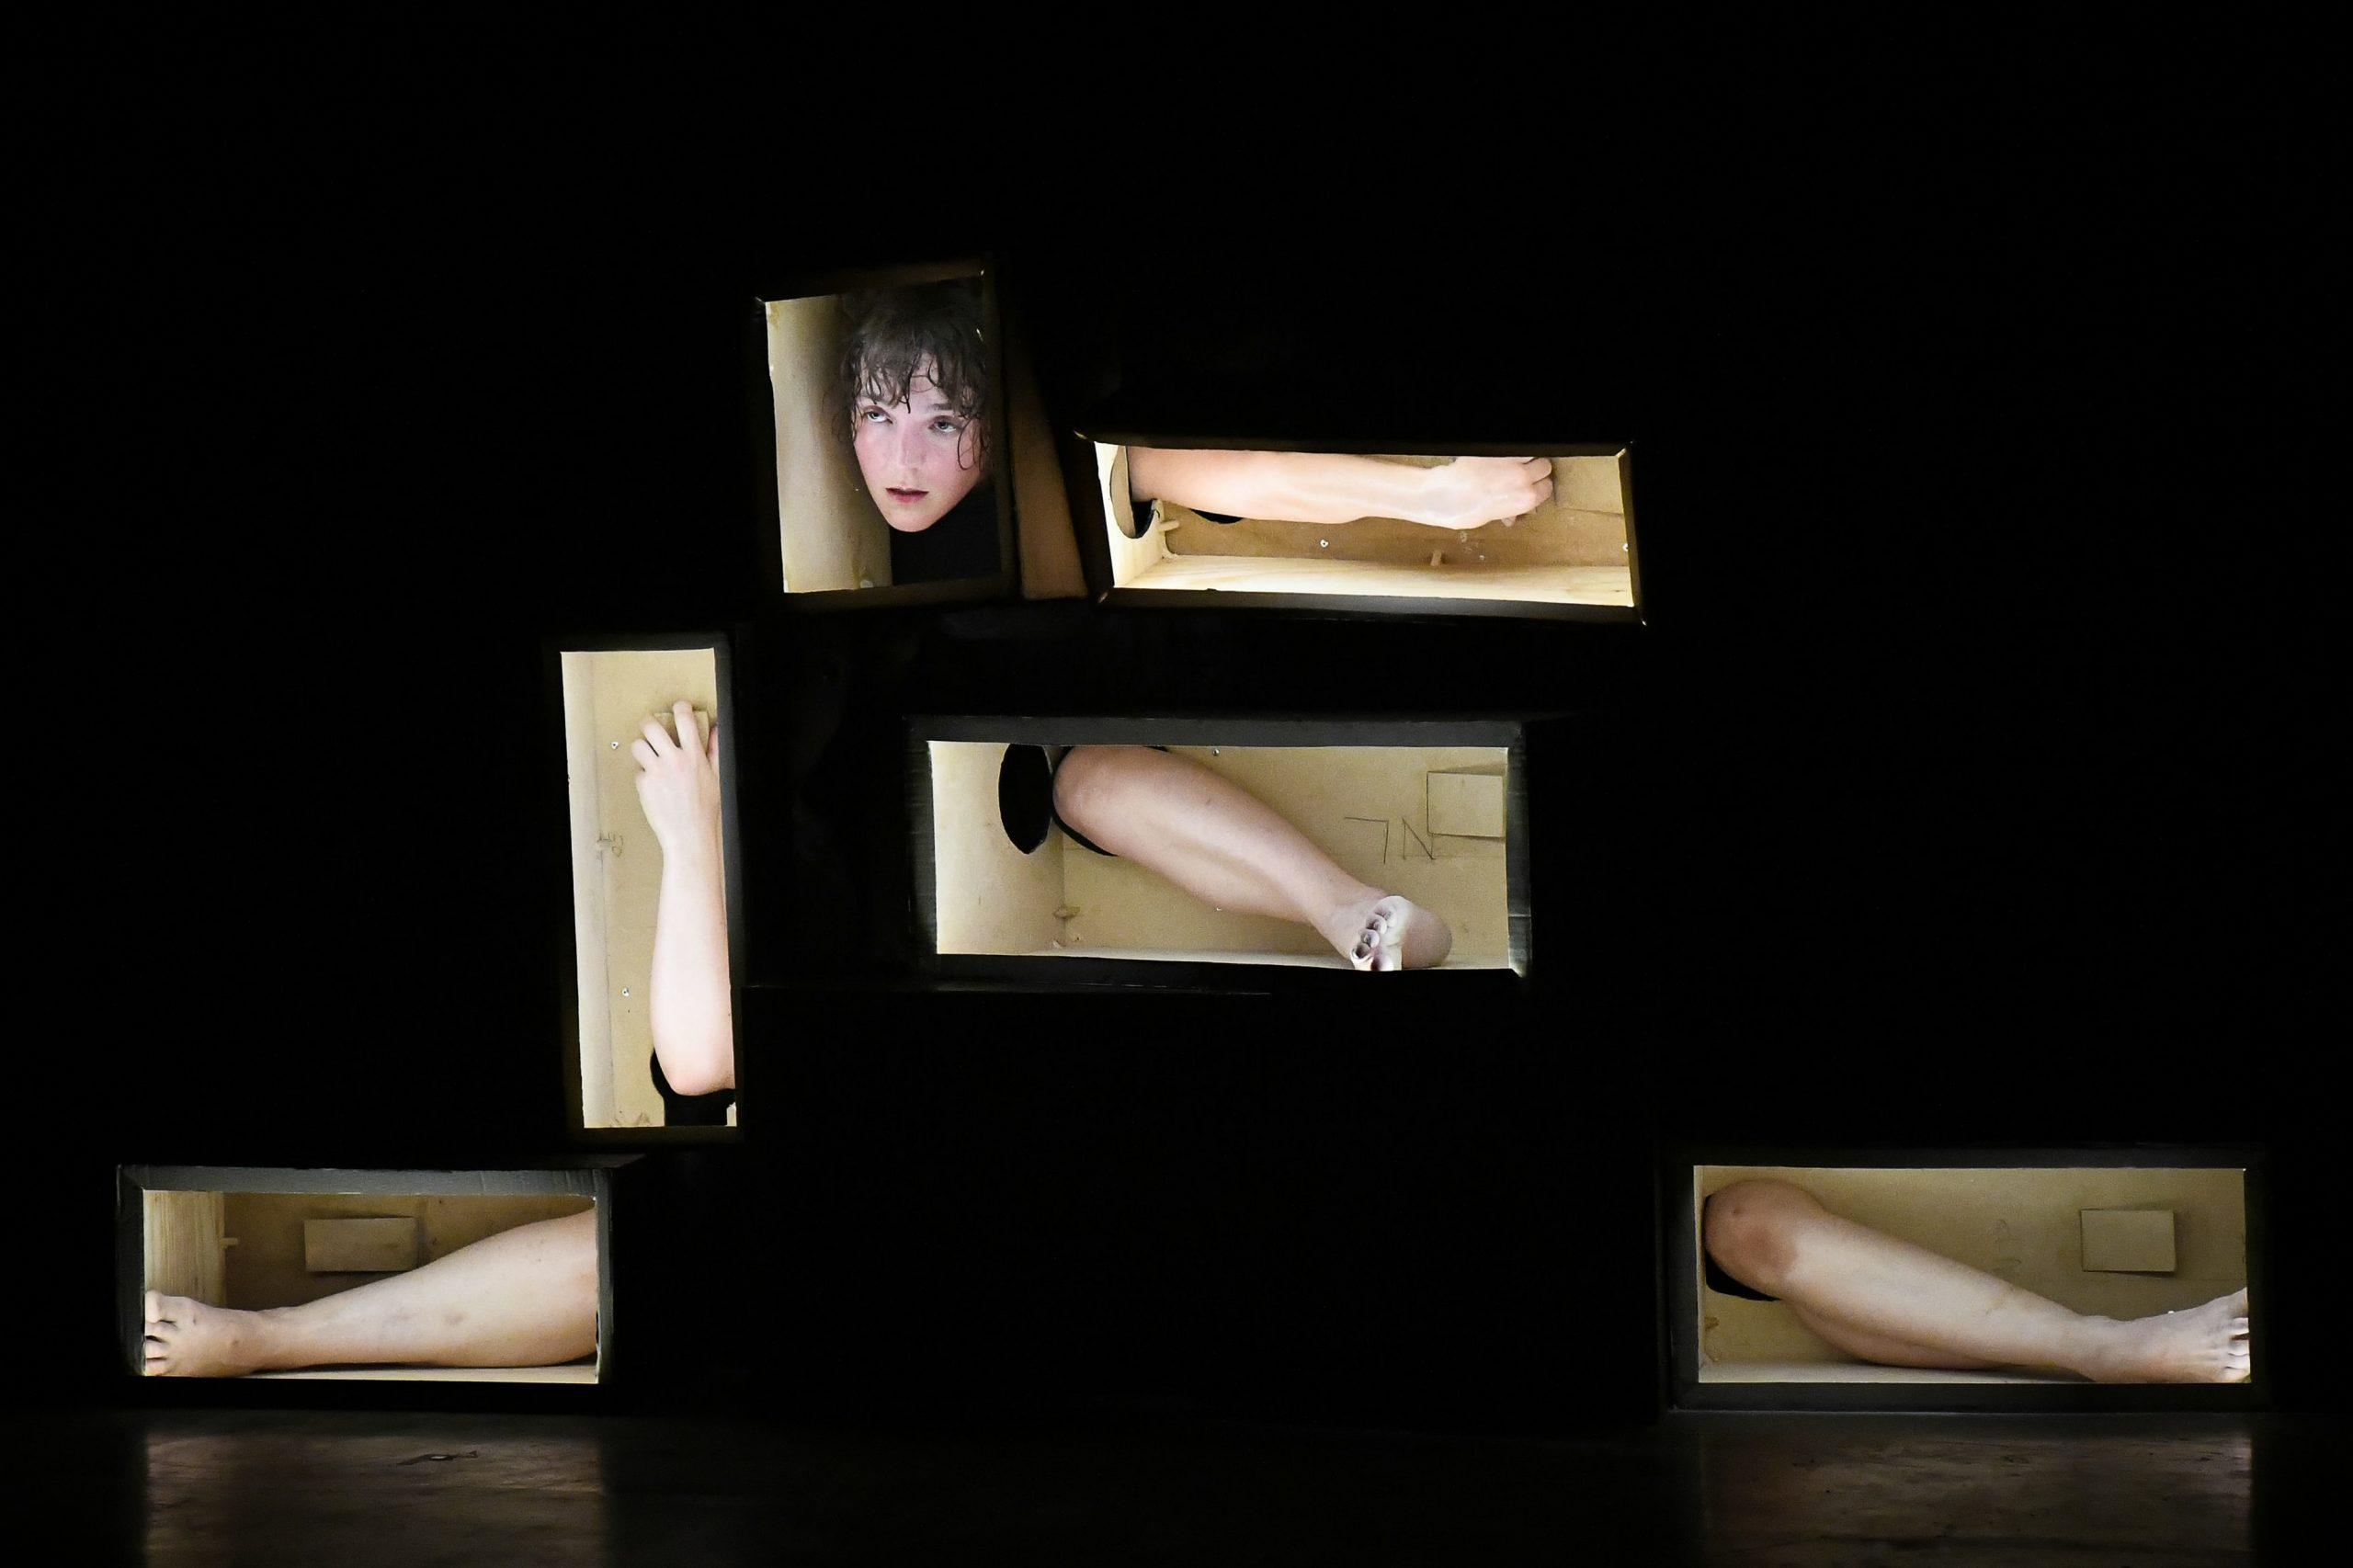 Ausschnitt der Performance, Körperteile in Boxen sichtbar wie im Zaubertrick